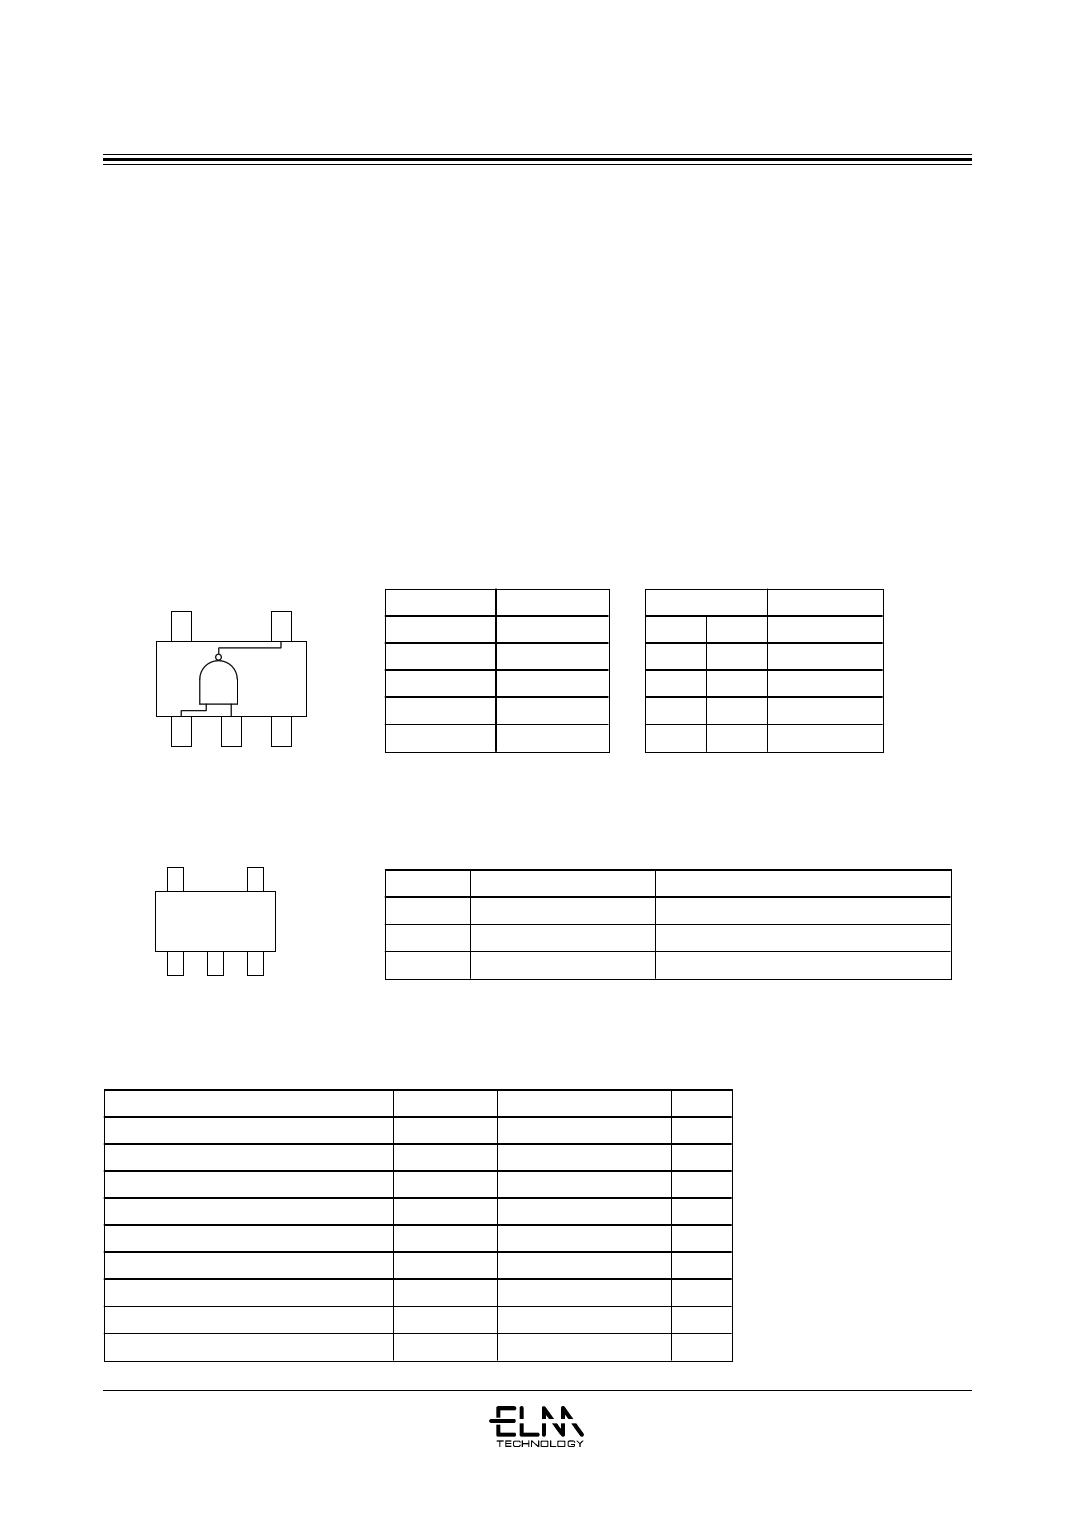 ELM7S00 pdf, ピン配列